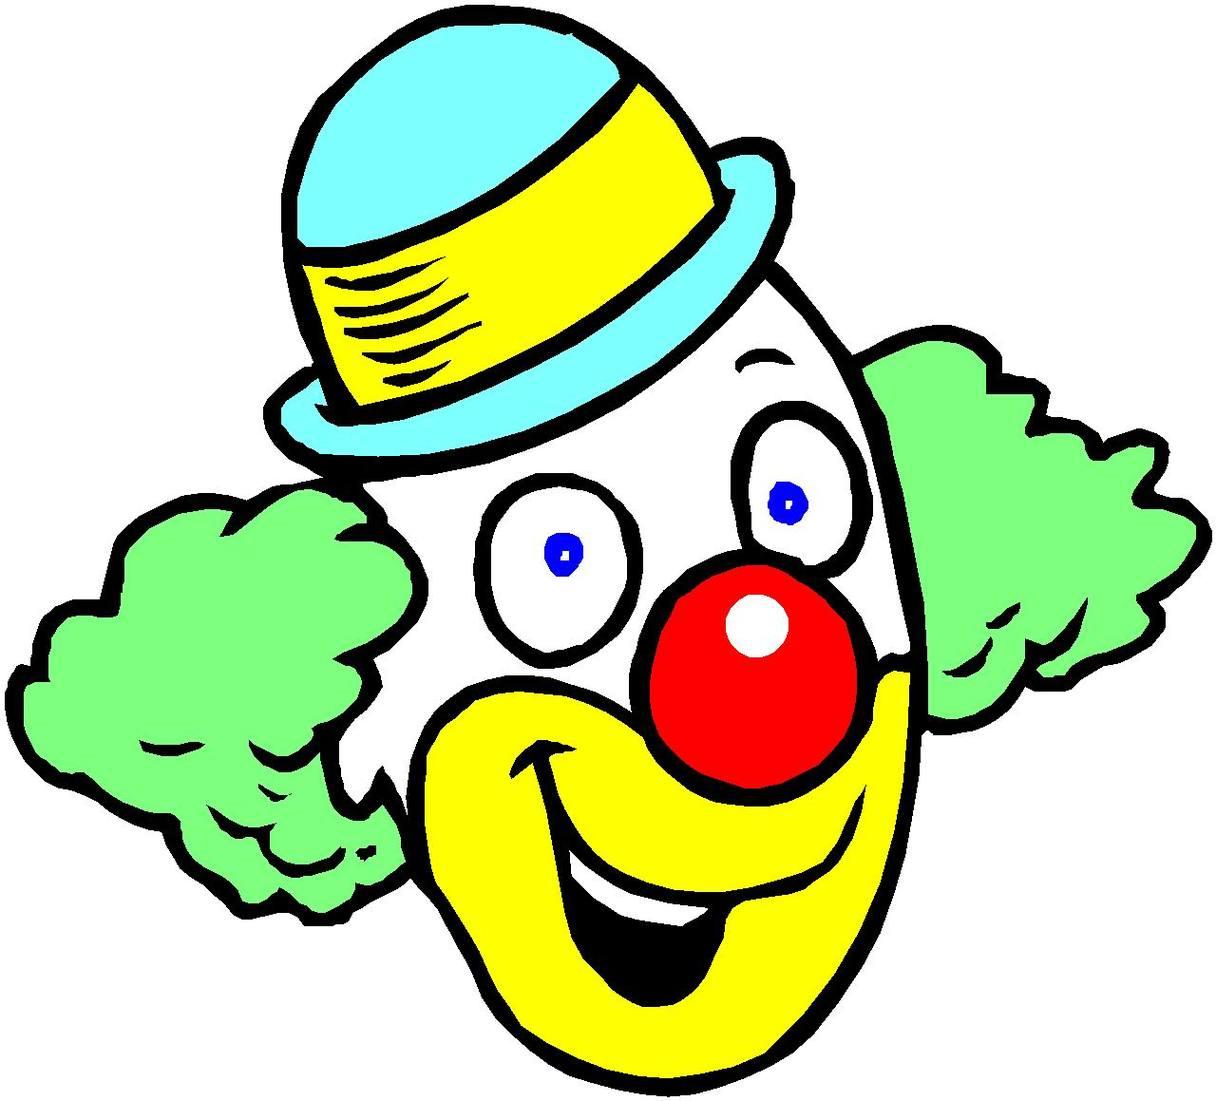 Clown kopf clipart clip transparent download Clipart of clown - ClipartFox clip transparent download